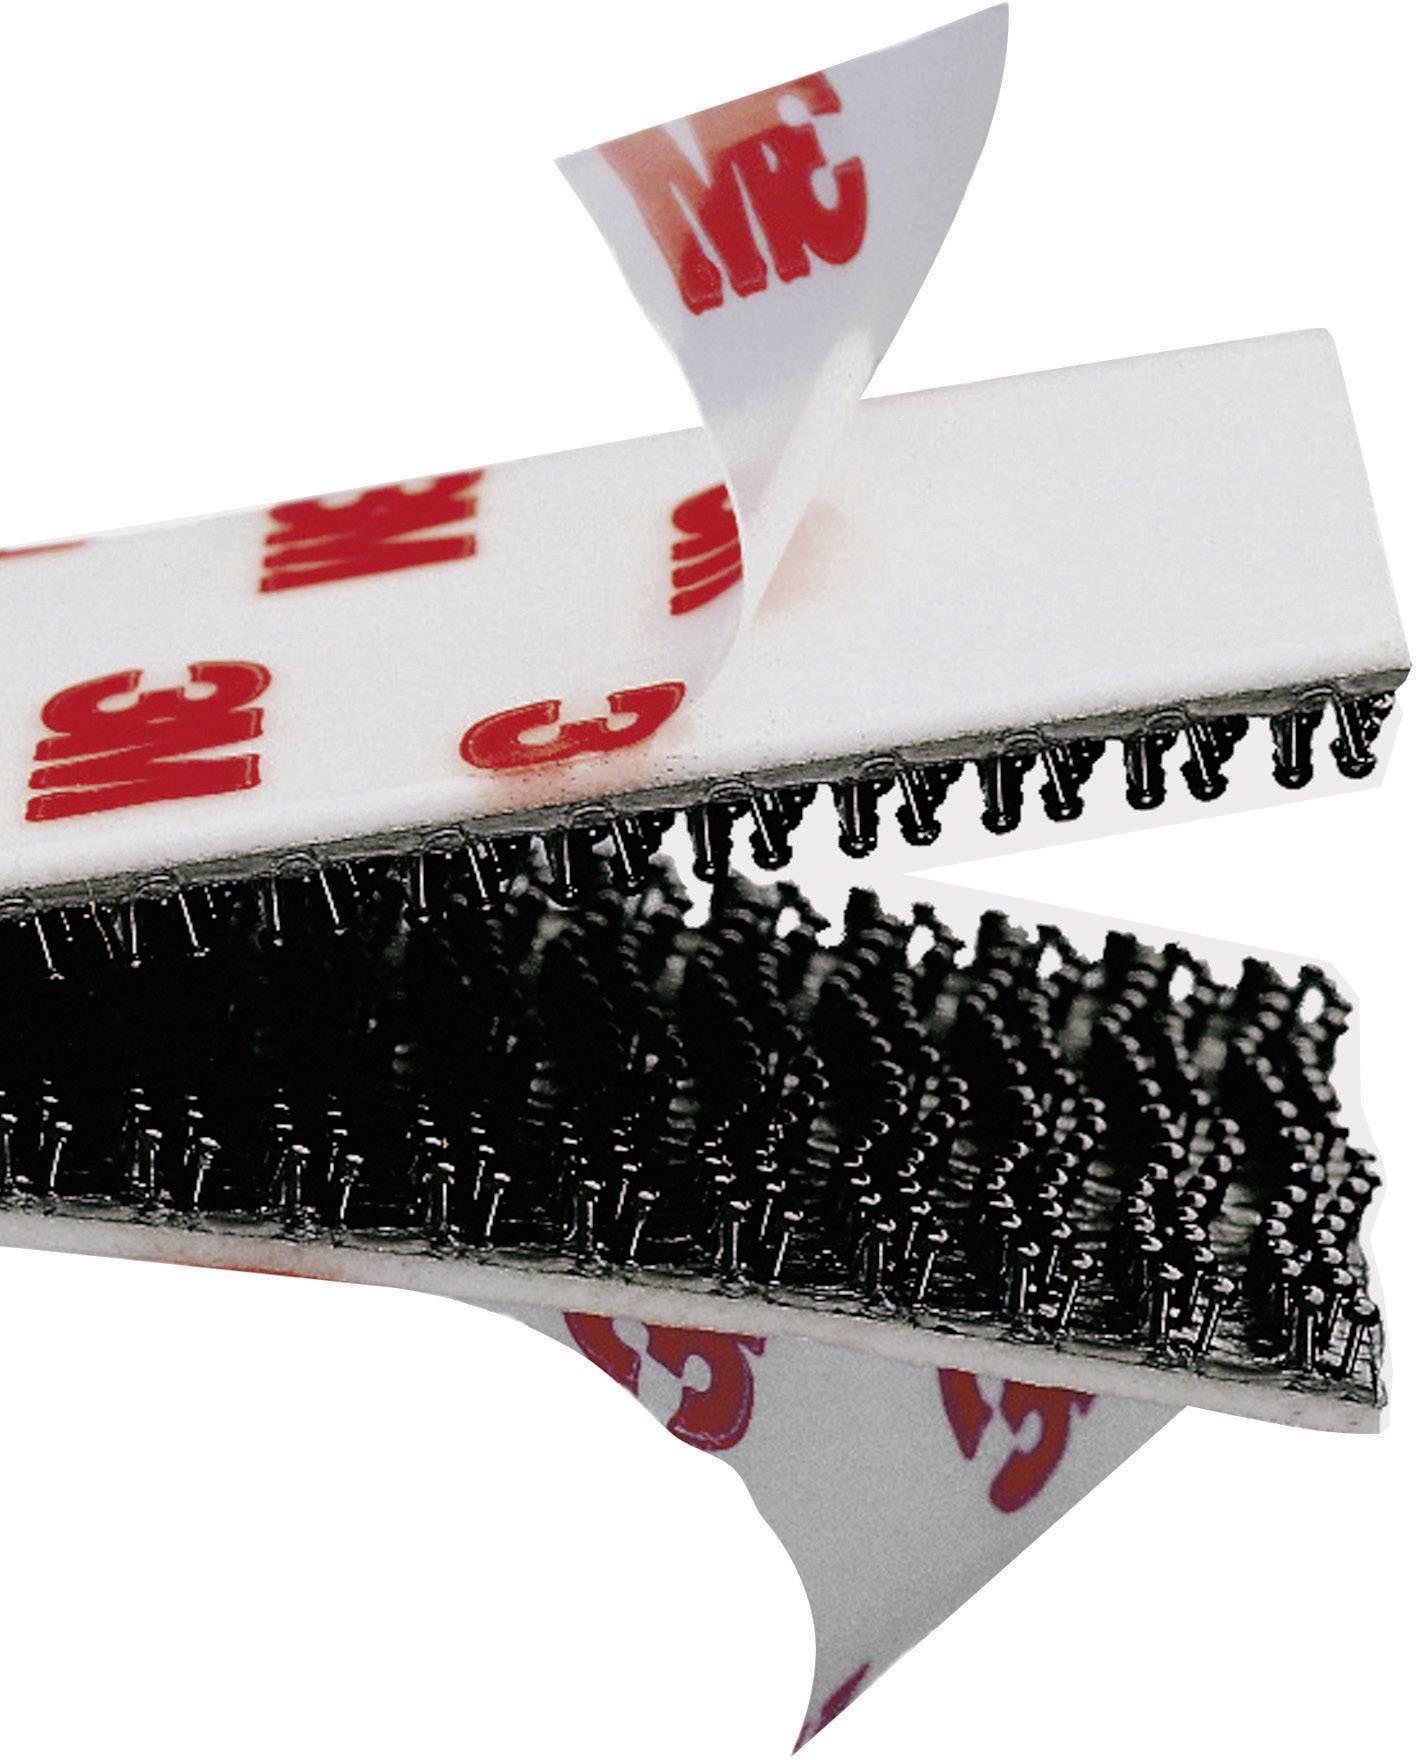 Samolepicí páska na speciální suchý zip 3M SJ 3551, 1 m